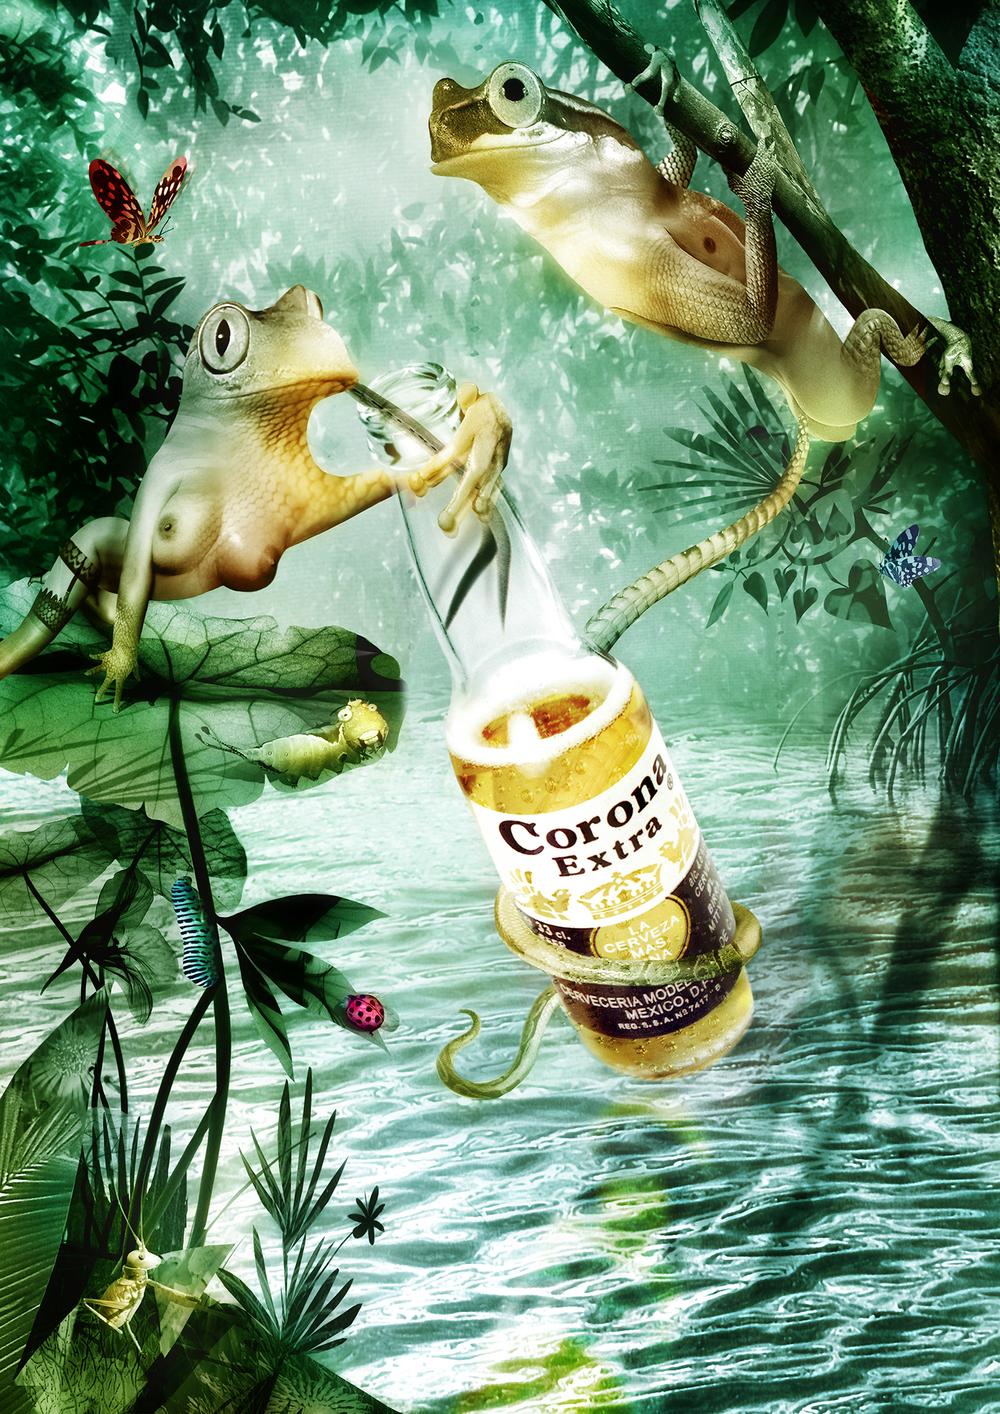 Corona - Frogs